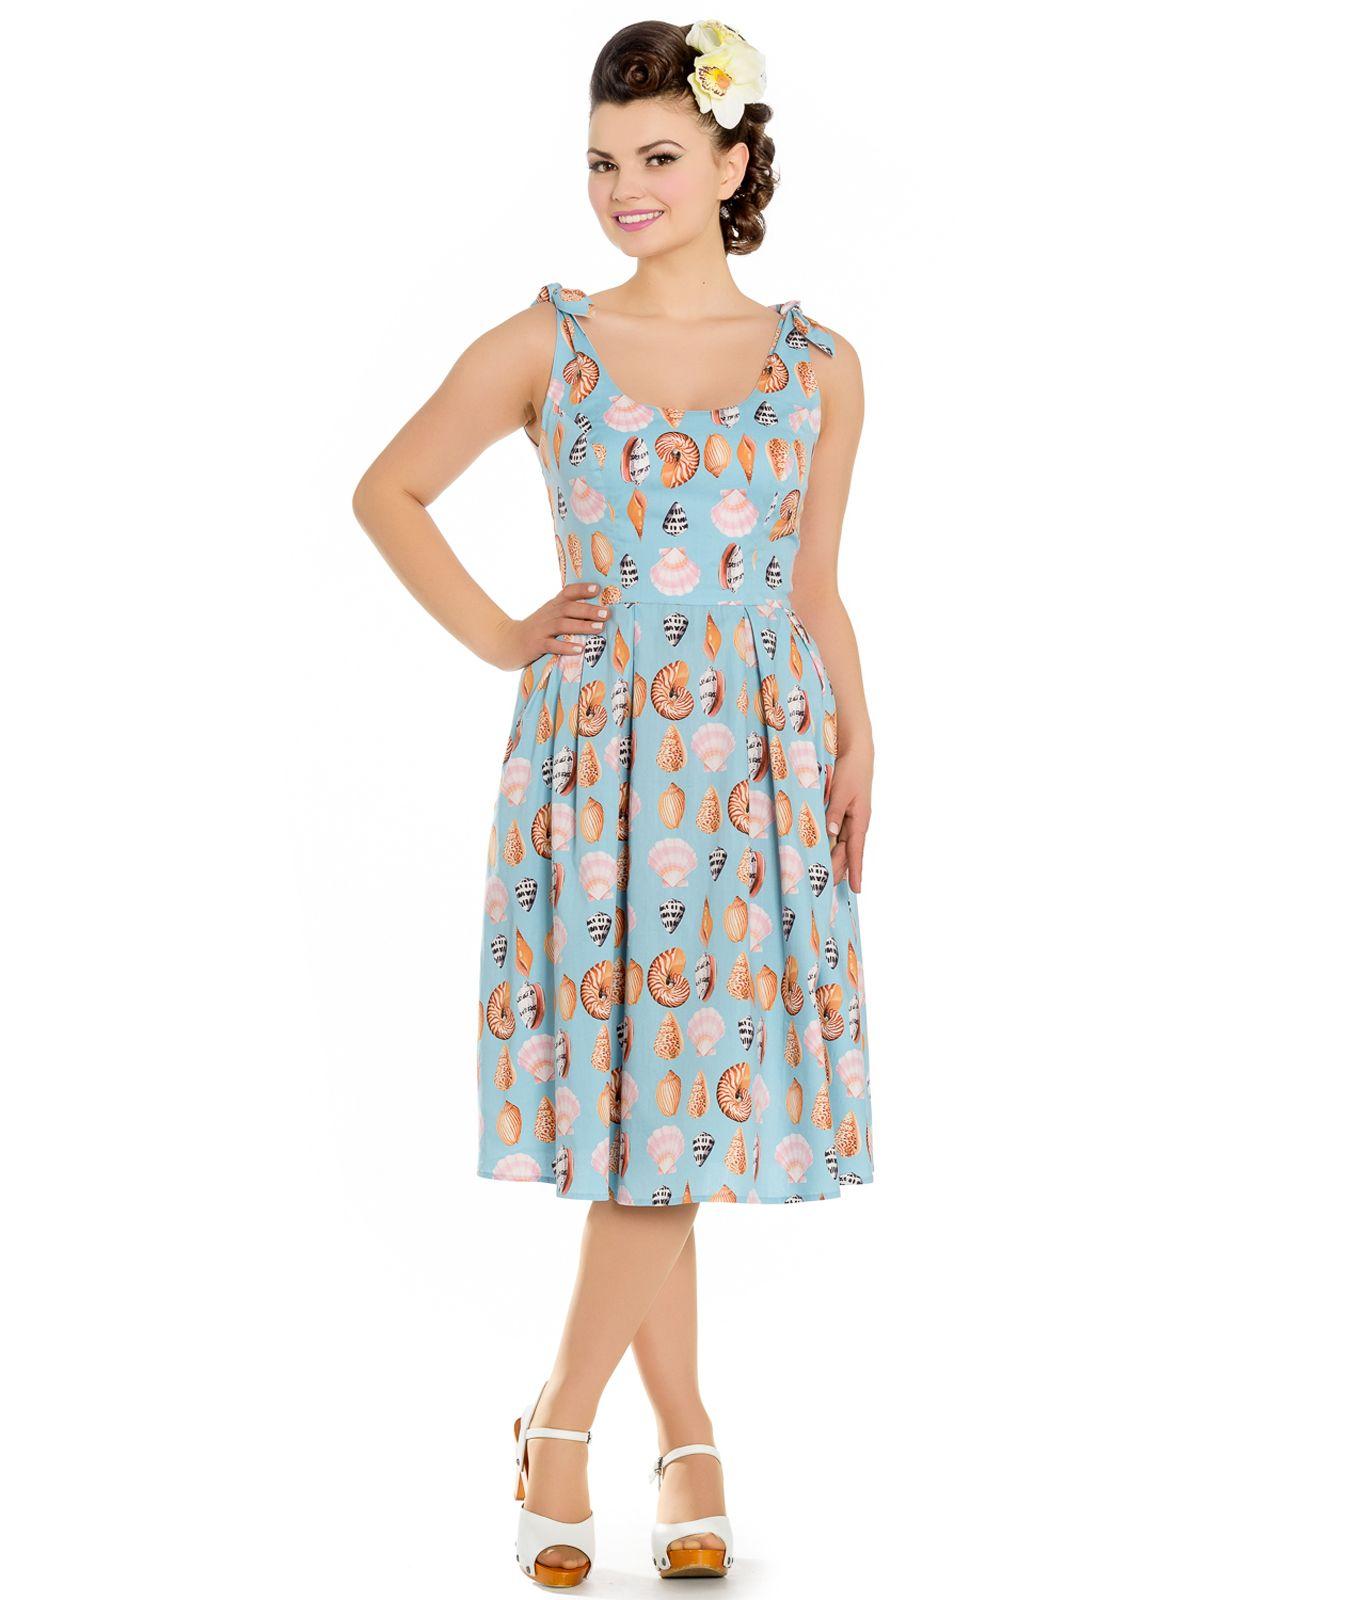 aca83892ec445 Hell Bunny Maya Bay 50s Style Seashells Summer Dress